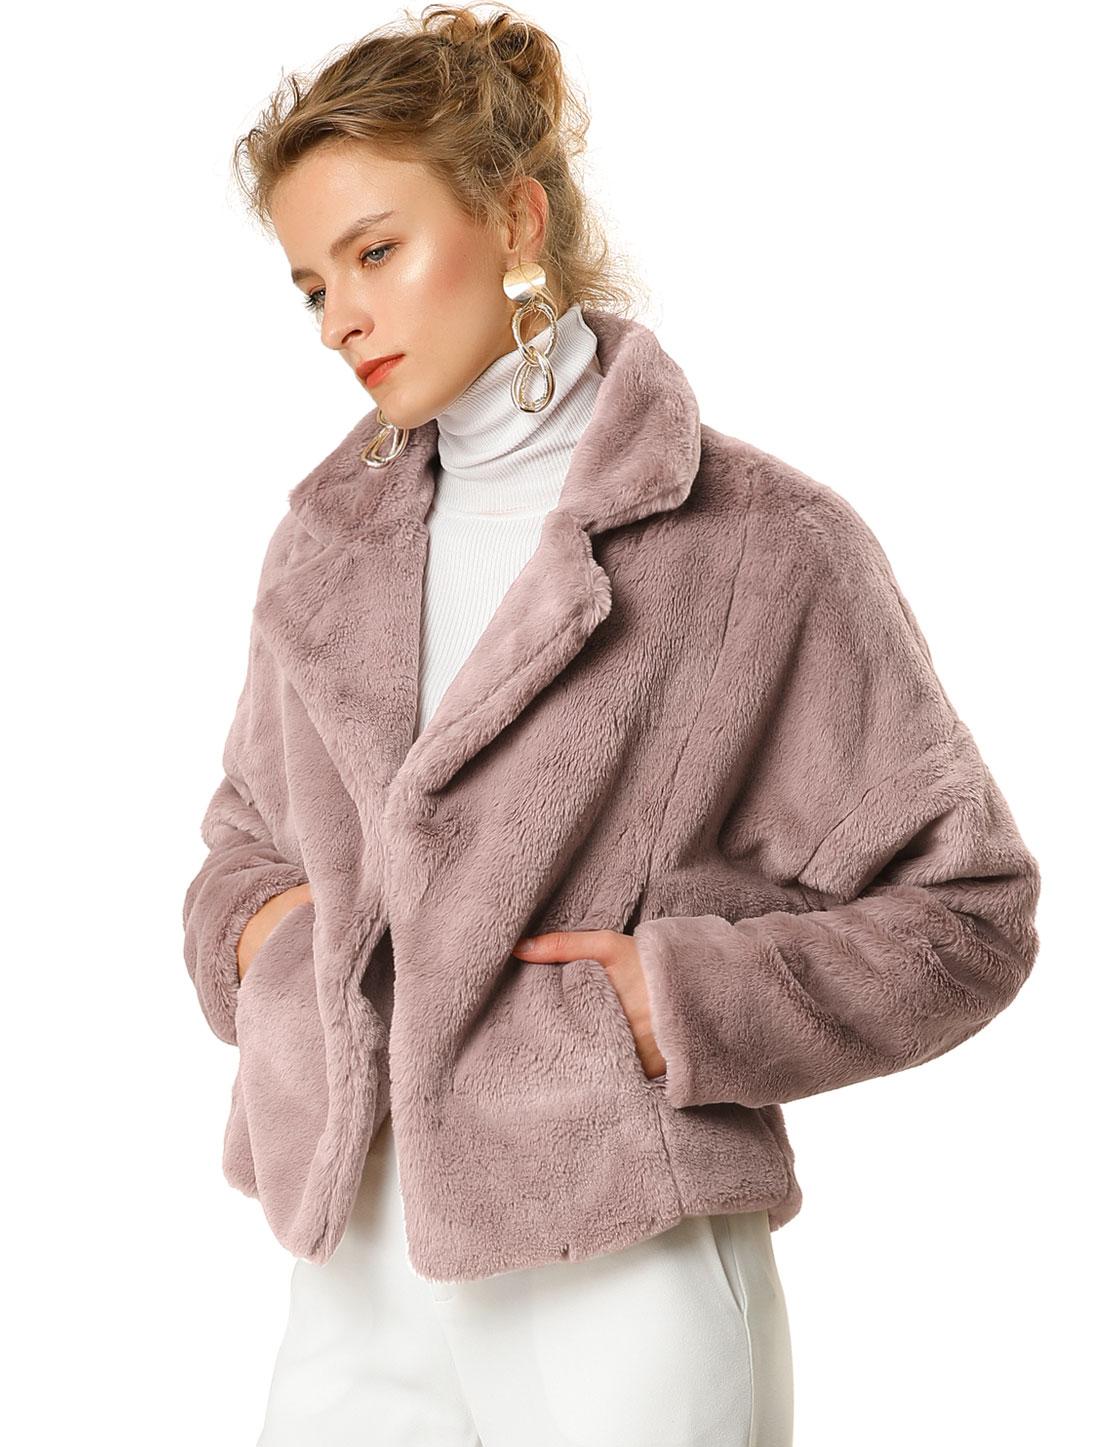 Allegra K Women's Winter Loose Faux Fur Coat Short Crop Jacket Purple Gray L